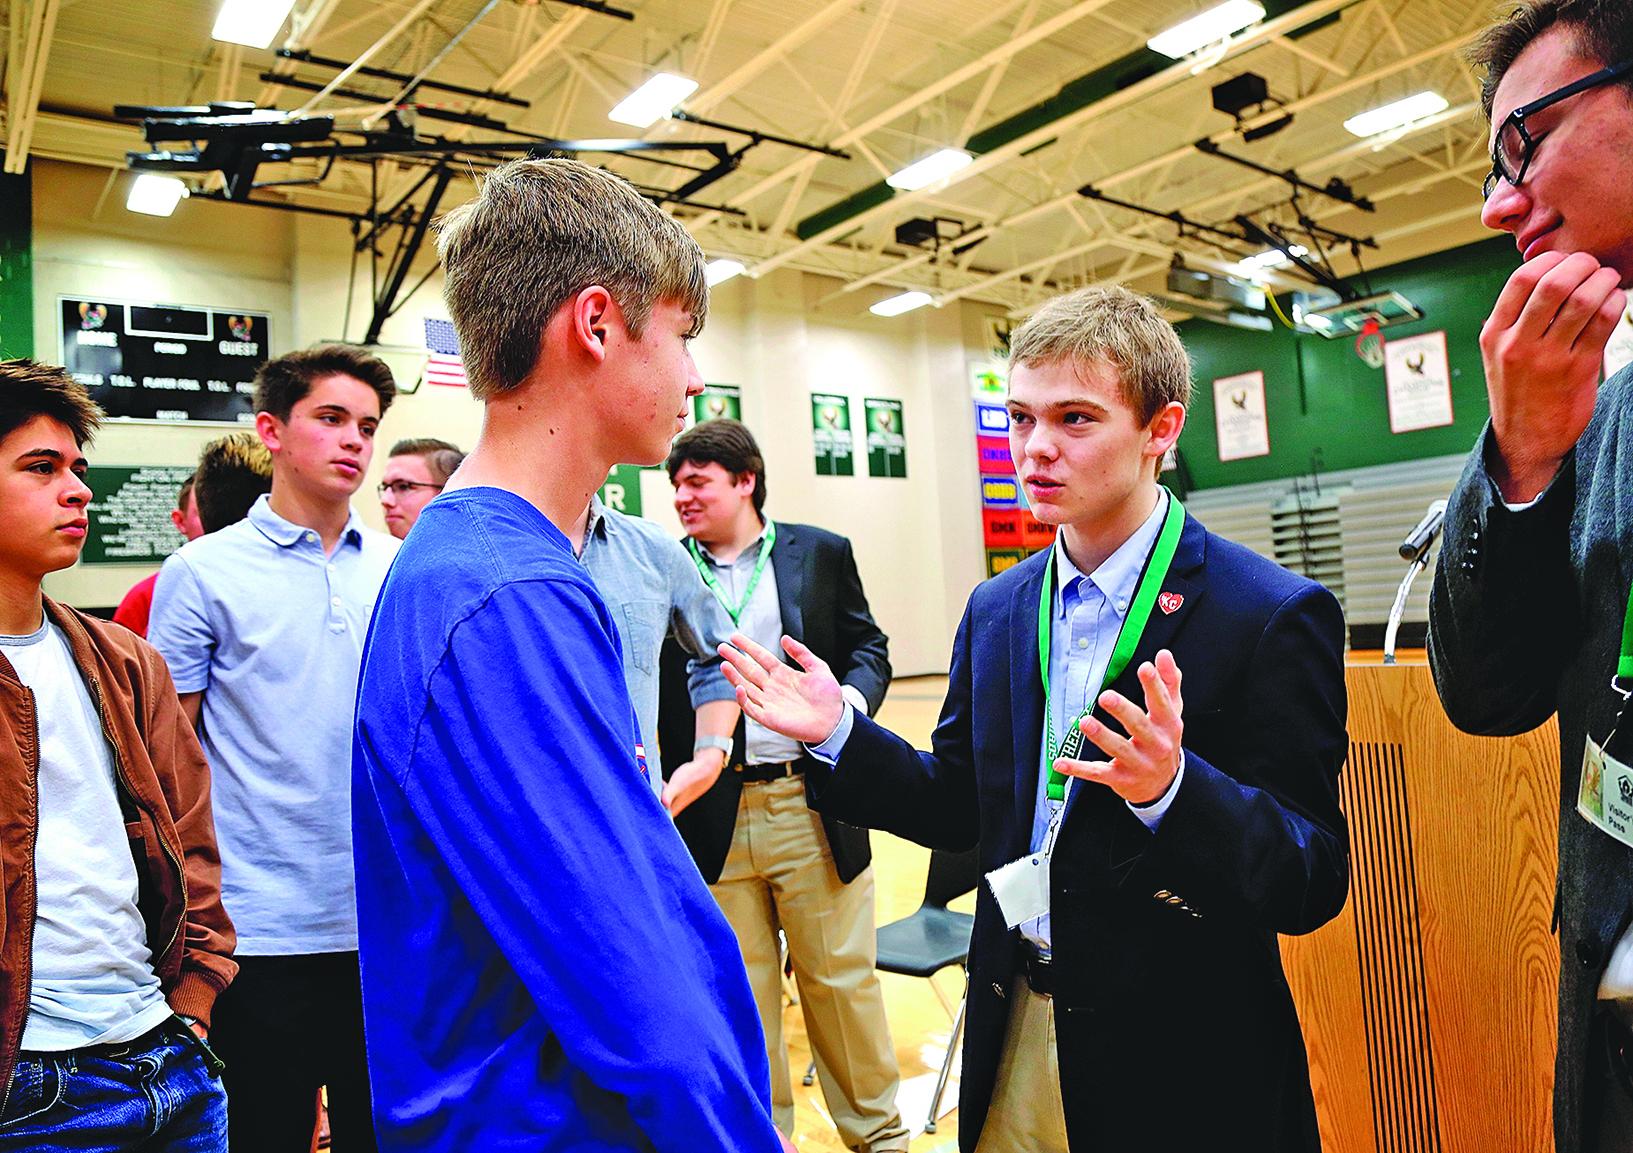 17歲的堪薩斯州州長候選人魯齊契(右二)有板有眼地和「選民」互動。(AFP)